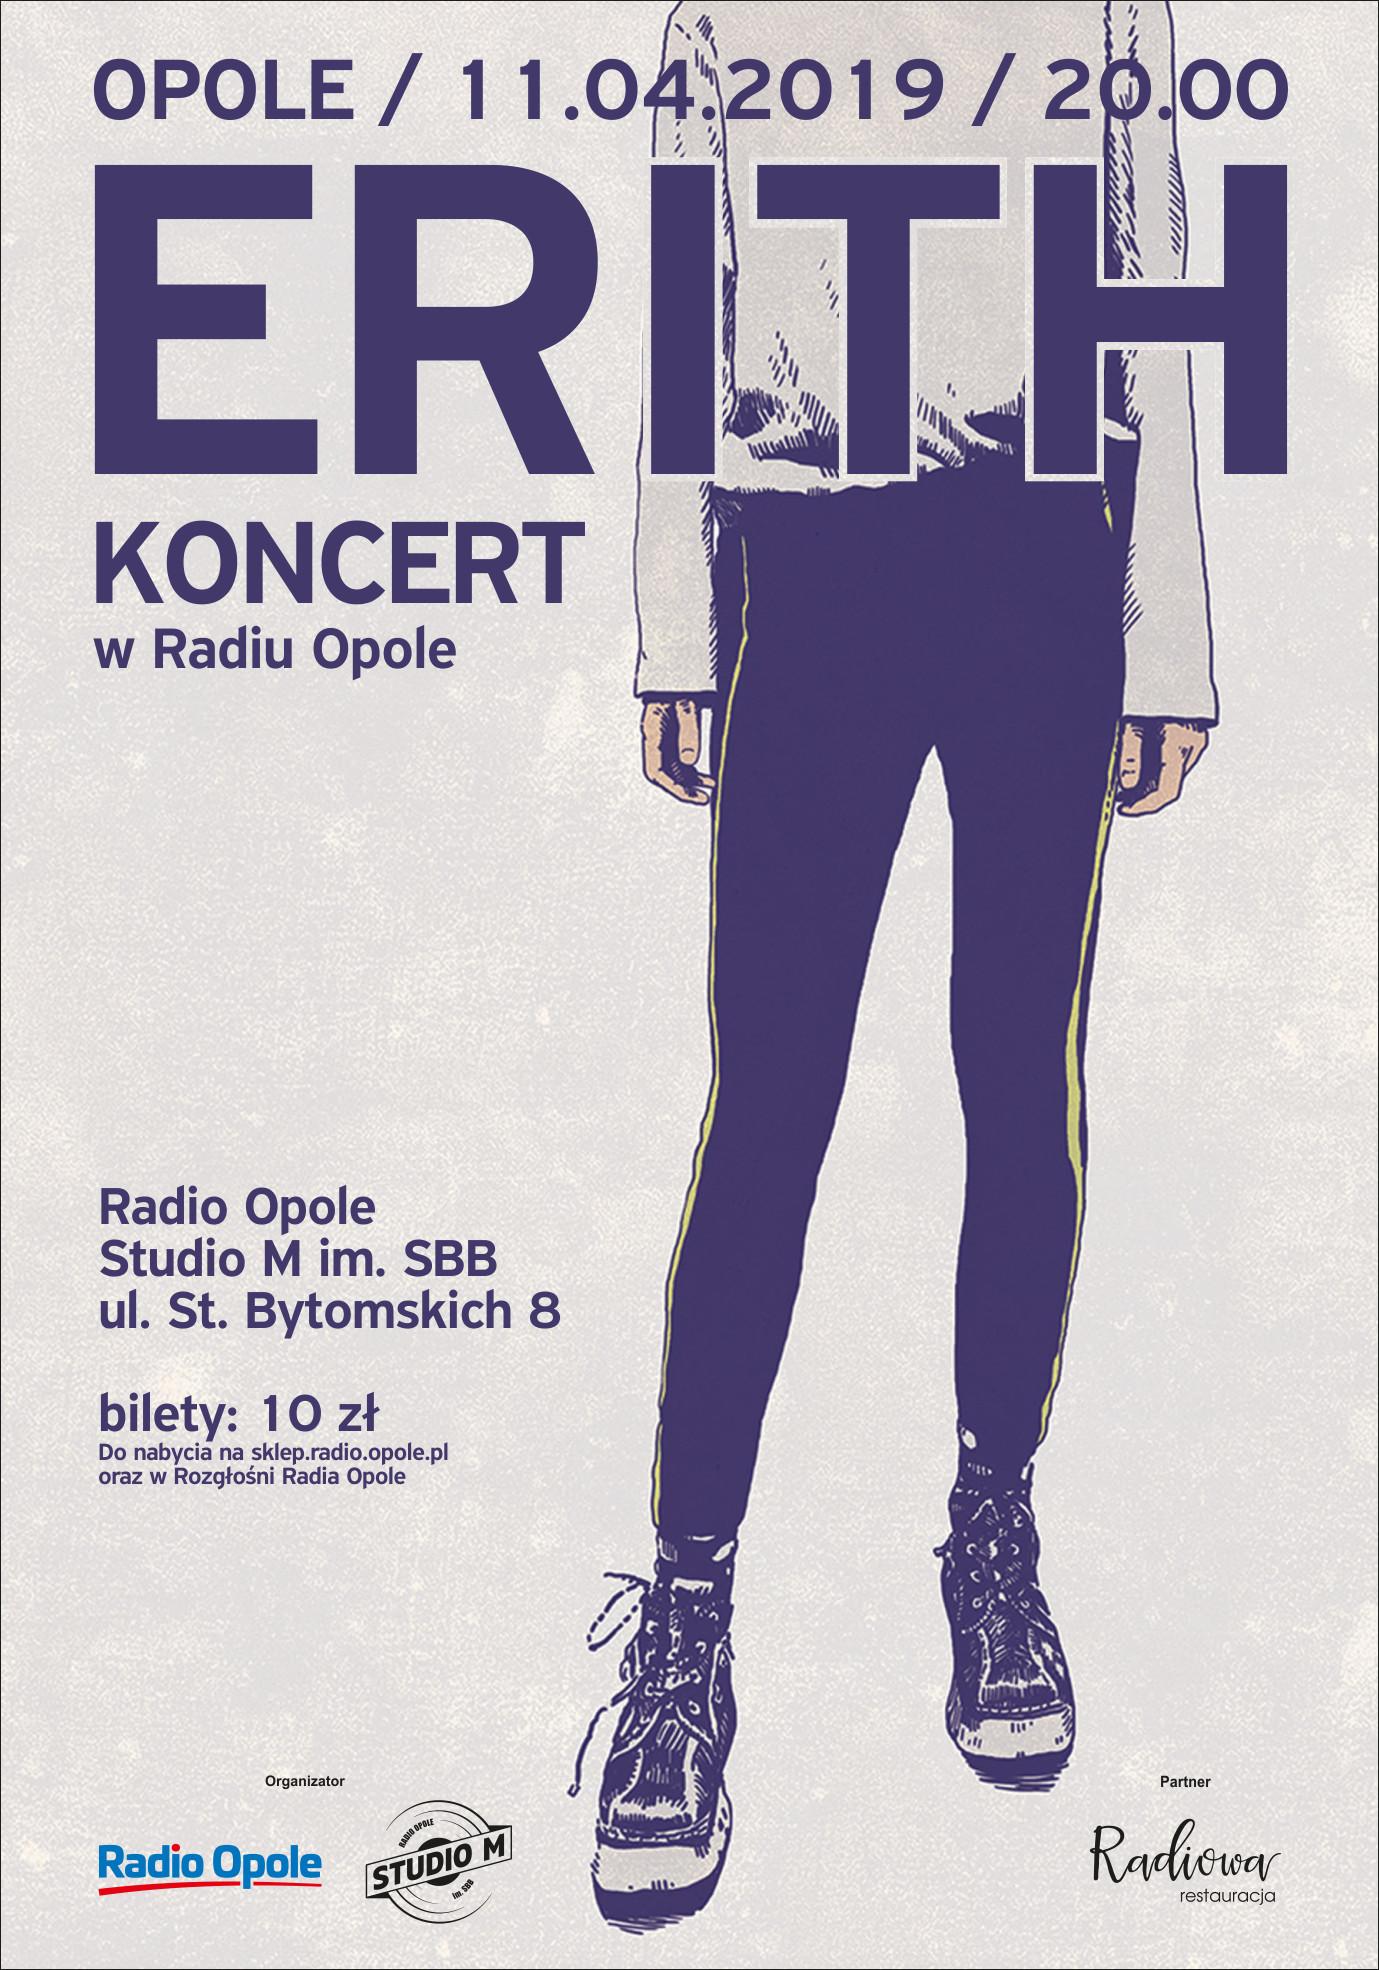 Kosmiczne dźwięki Erith zabrzmią w Studio M 11 kwietnia - bilety już w sprzedaży!